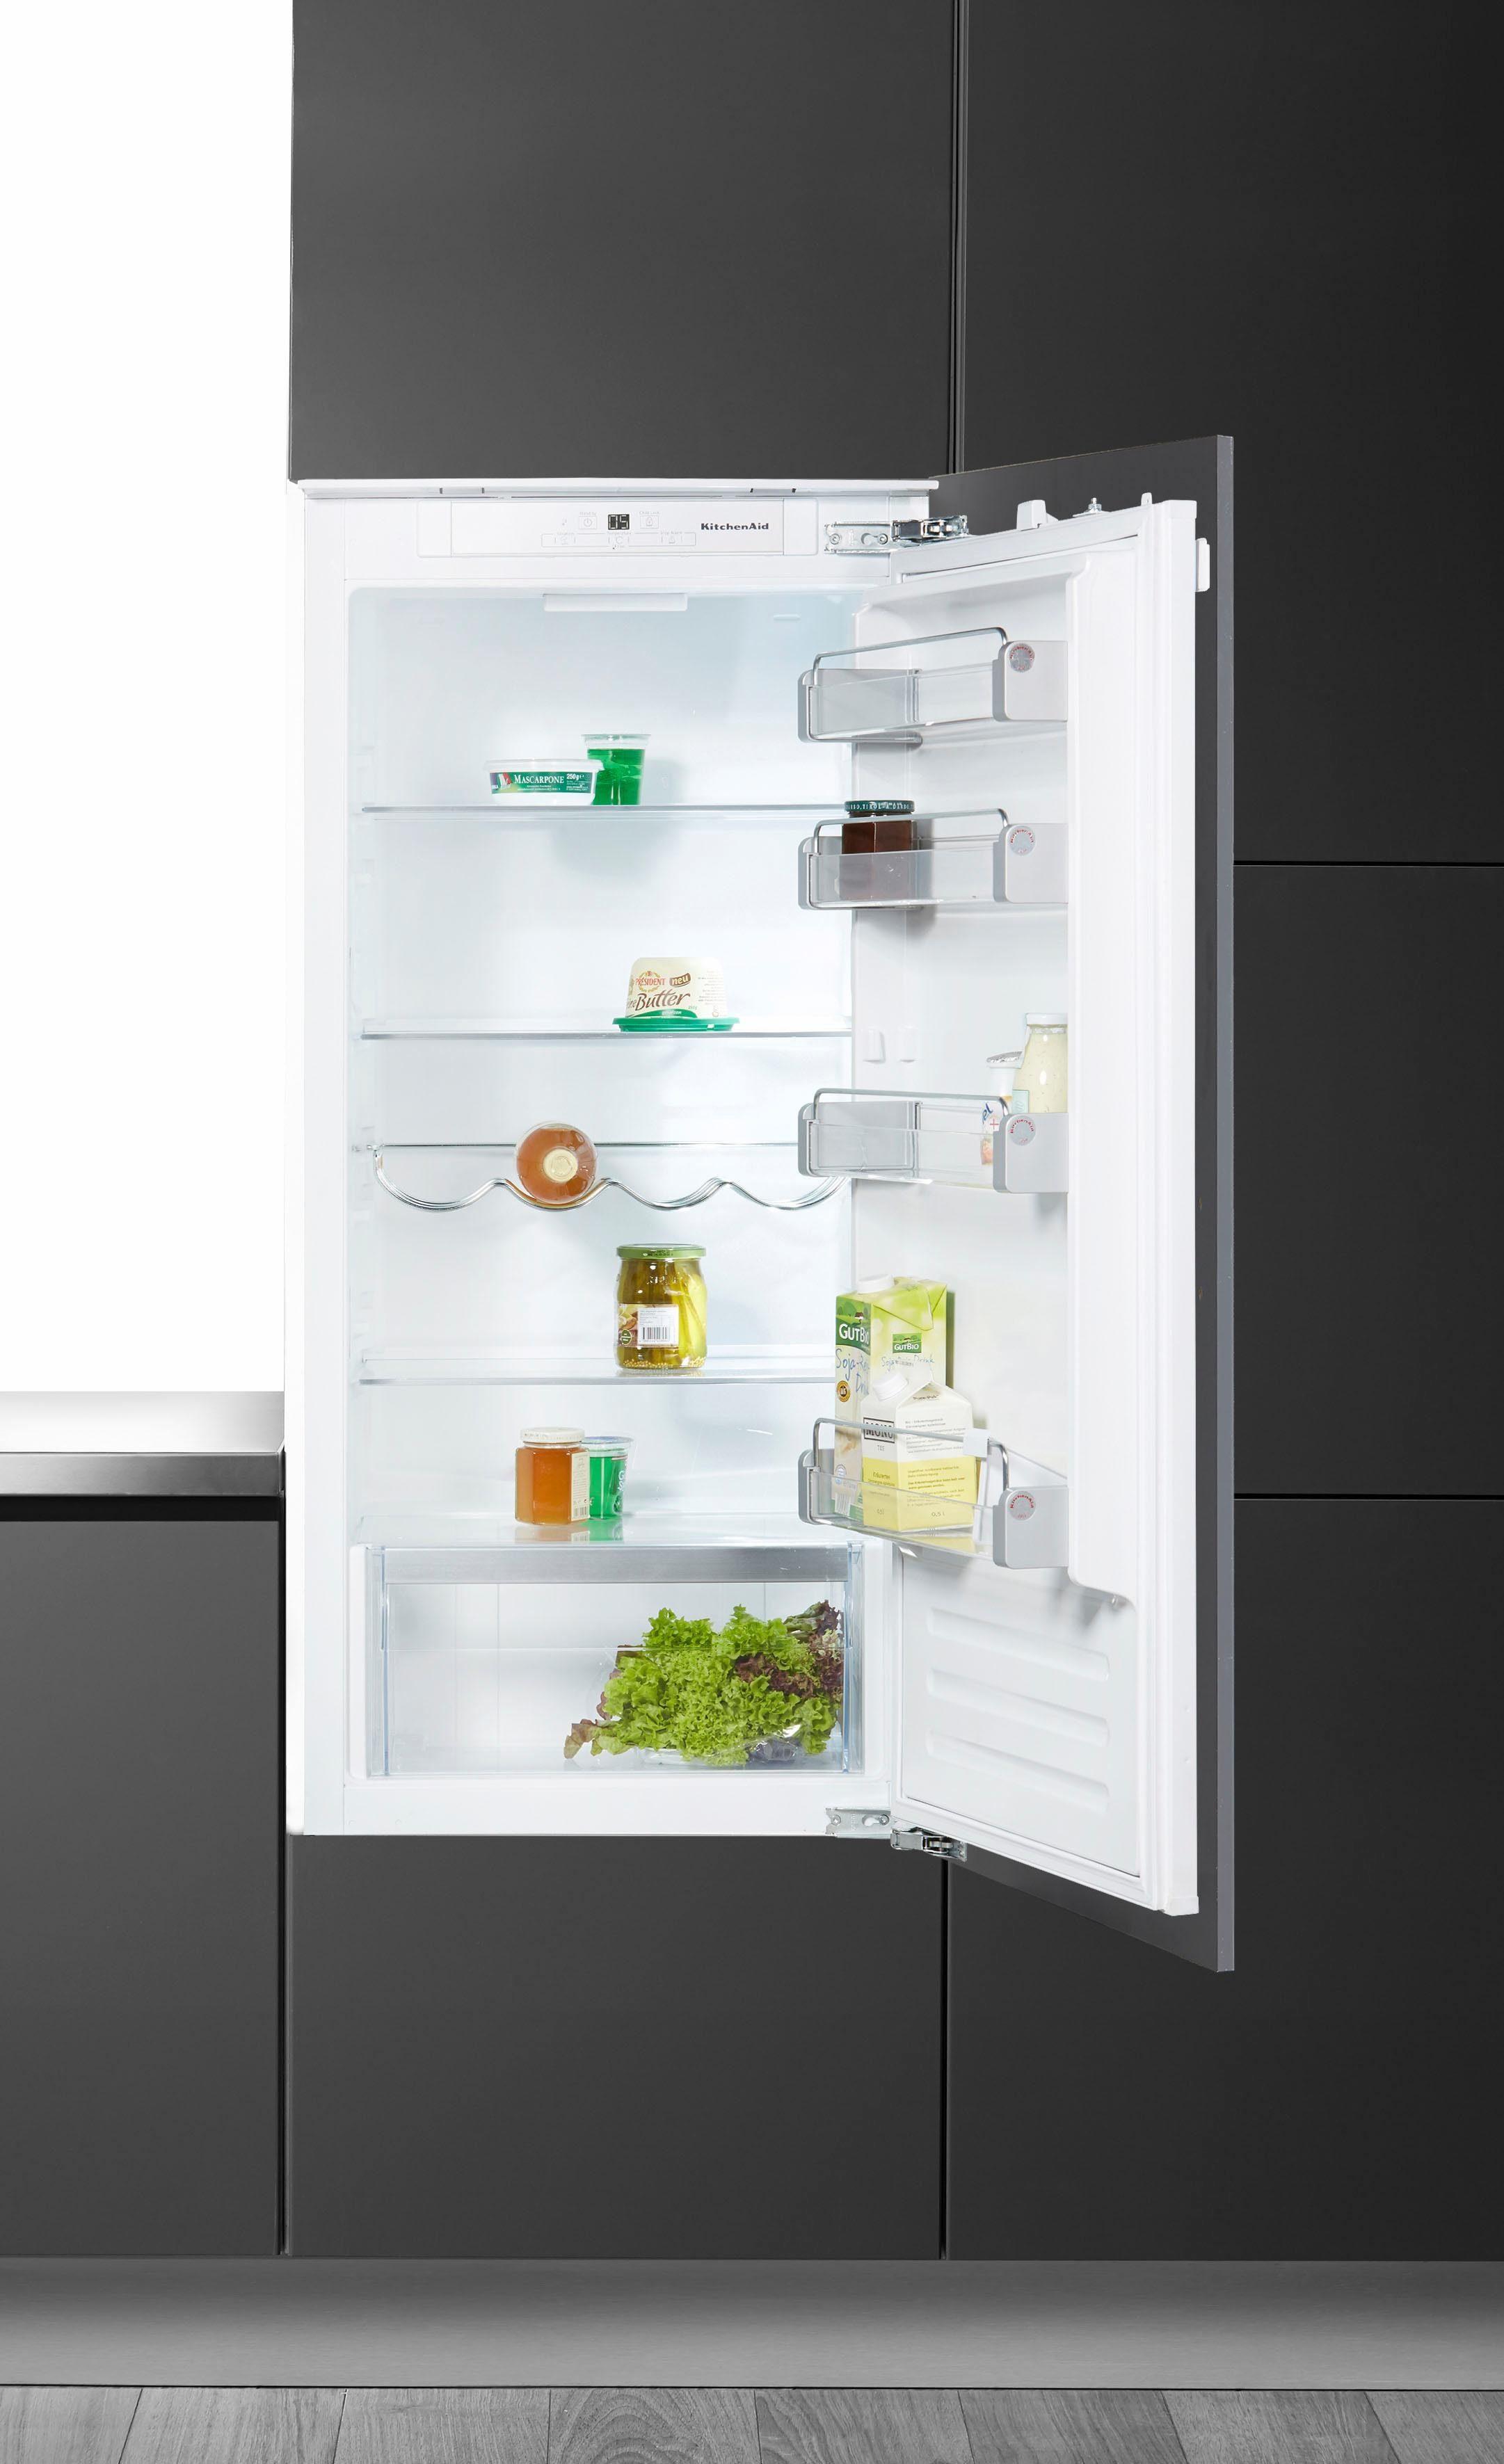 KitchenAid Kühlschrank KCBNS 12600, 122 cm hoch, 55,7 cm breit